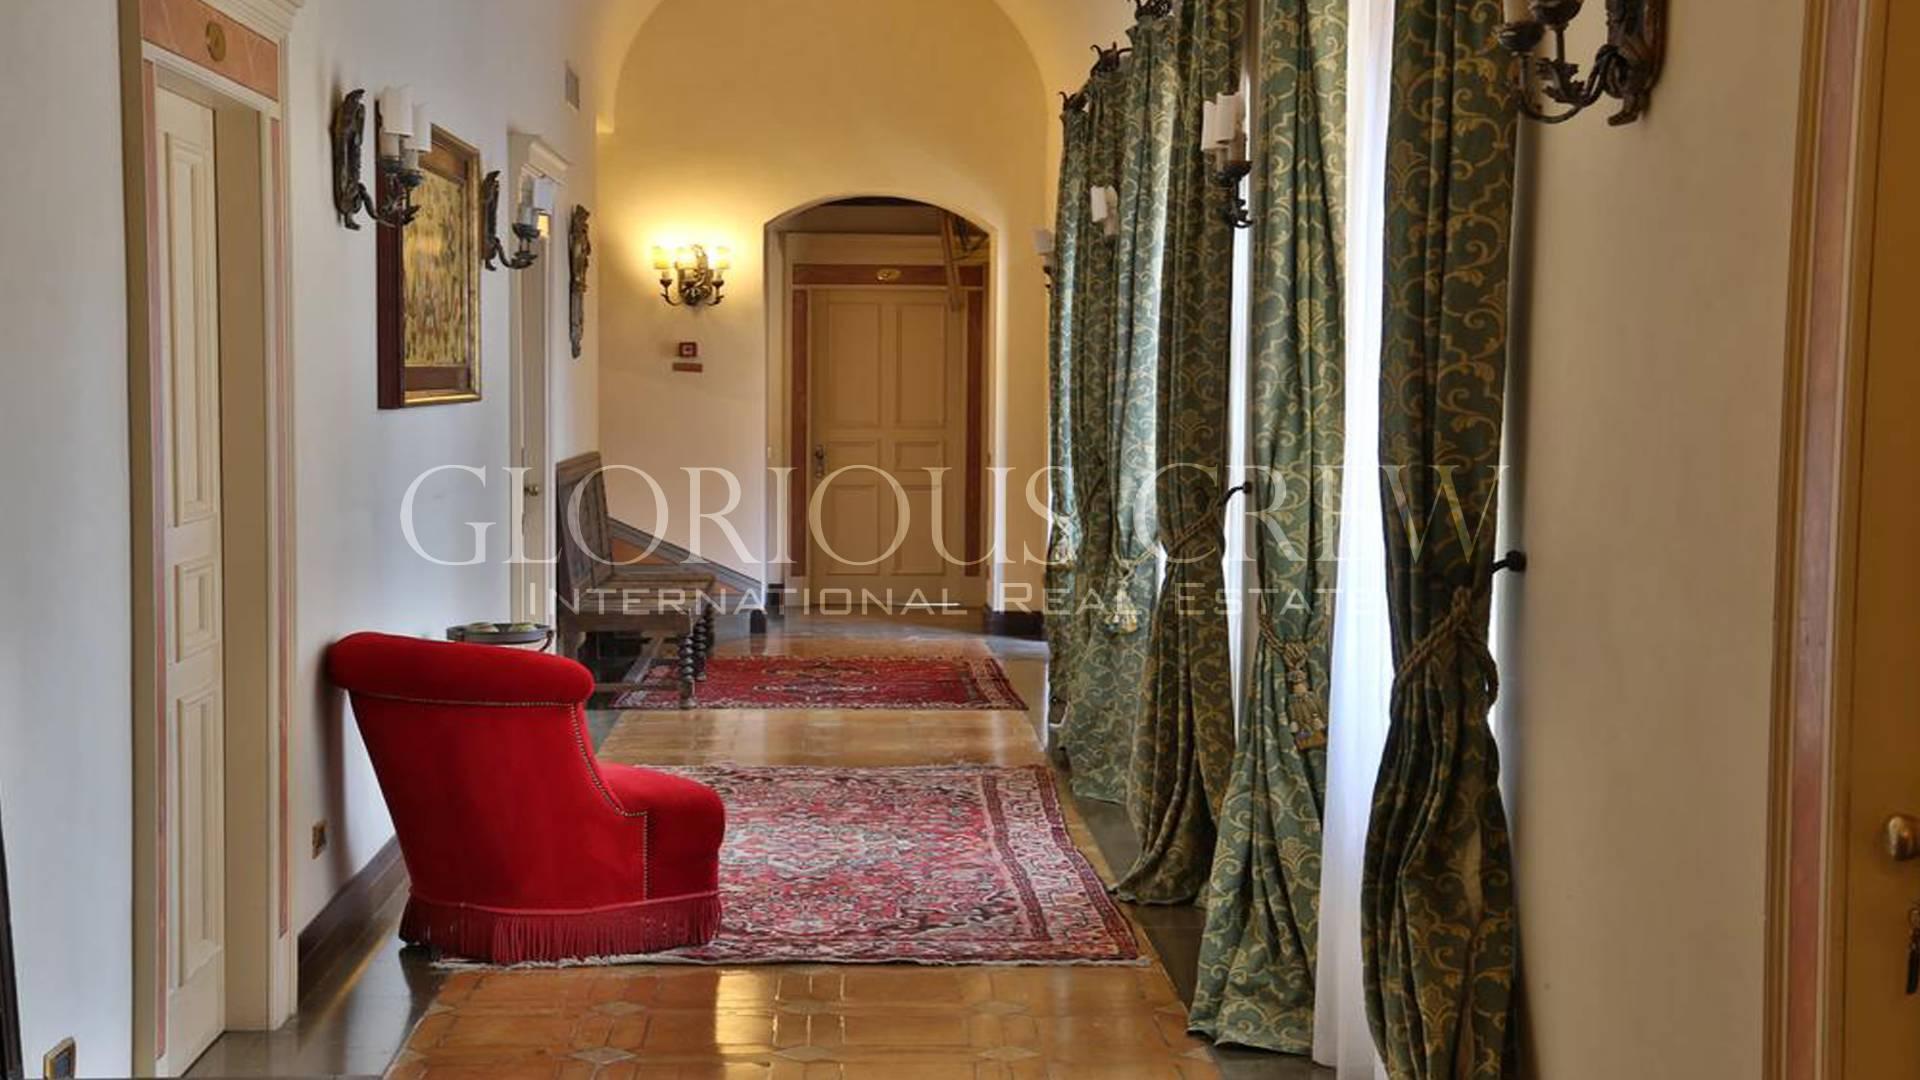 Rustico in Vendita a San Gimignano: 5 locali, 2500 mq - Foto 5